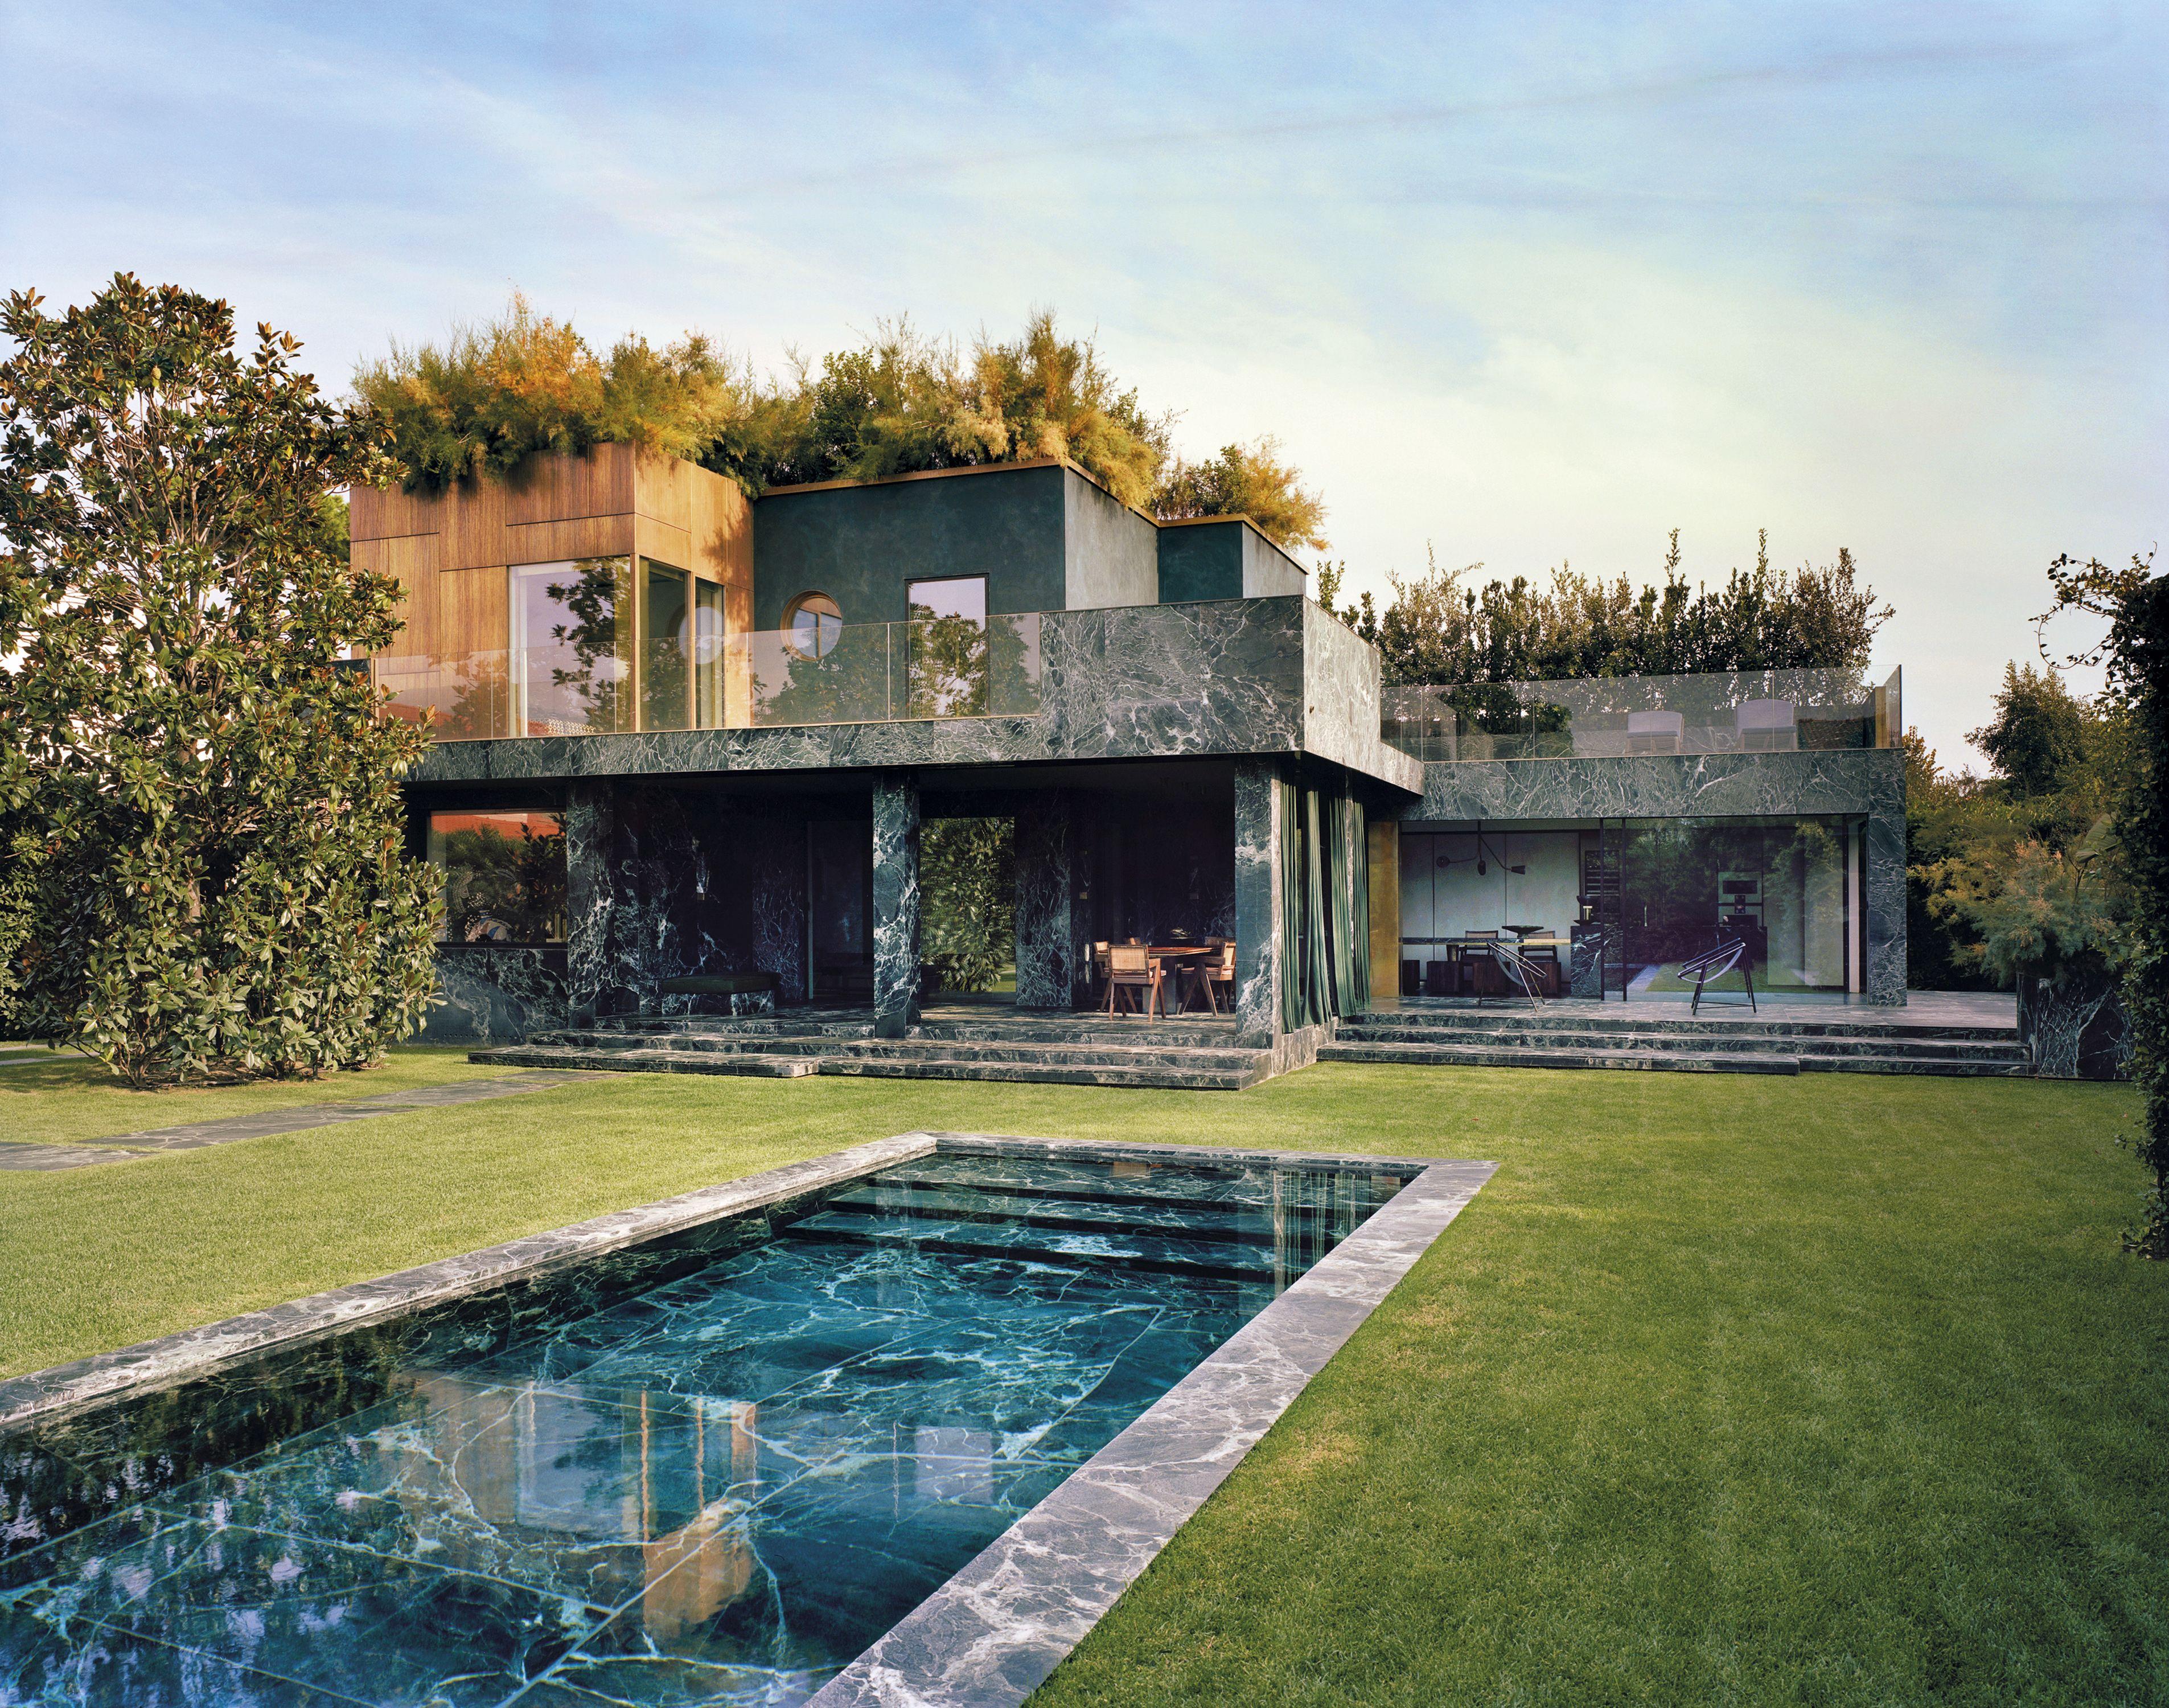 Una casa en la Toscana reformada con mrmol verde por Vincenzo de Cottis